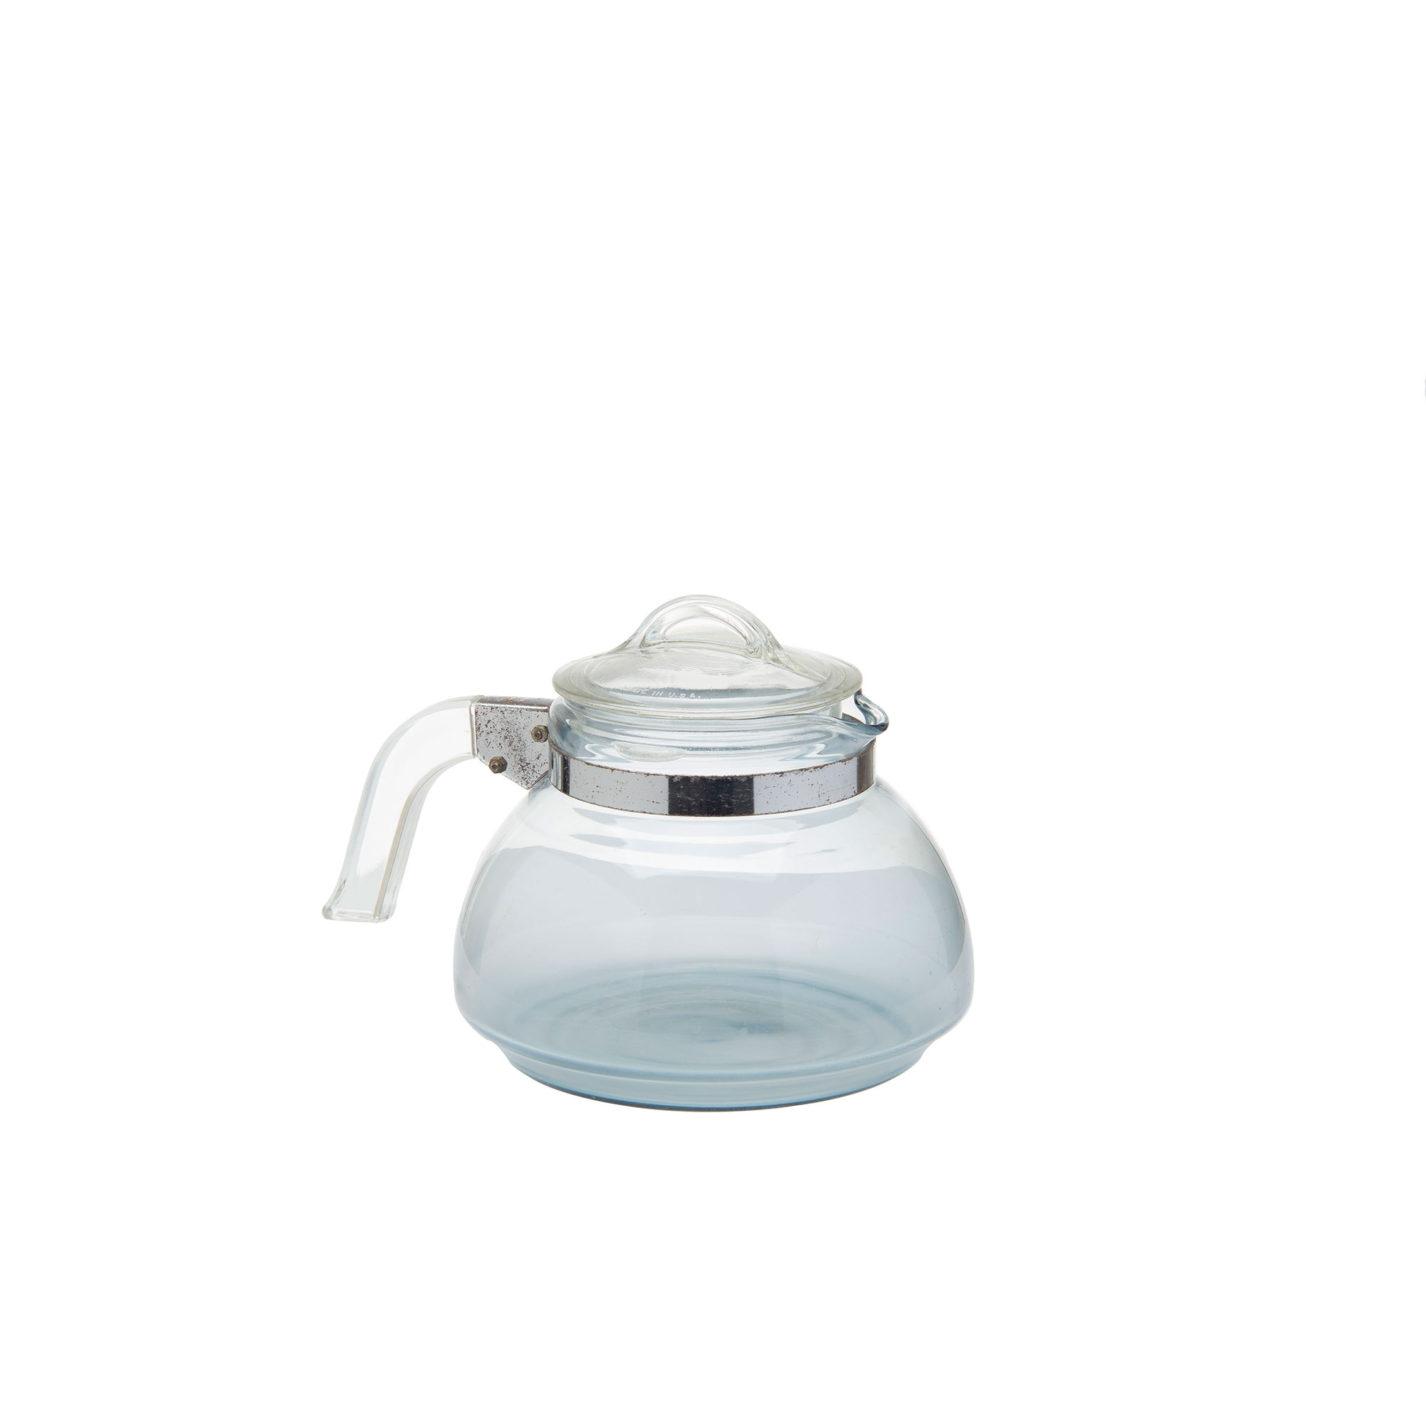 Bouilloire en verre transparent bleuâtre, couvercle en verre et anse en verre fixée par une bande et une ferrure en métal.